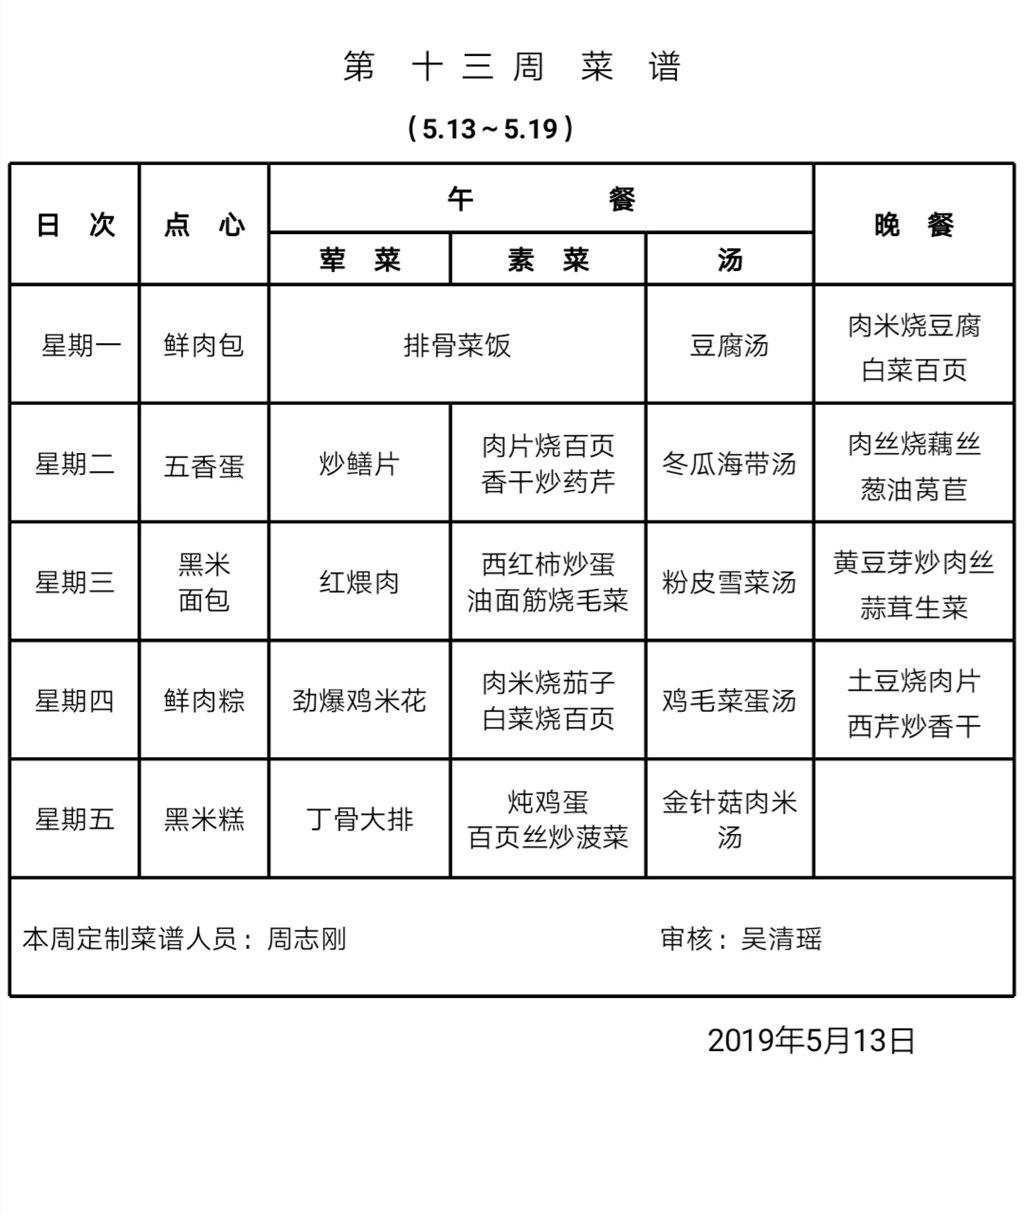 第十三周菜谱.jpg